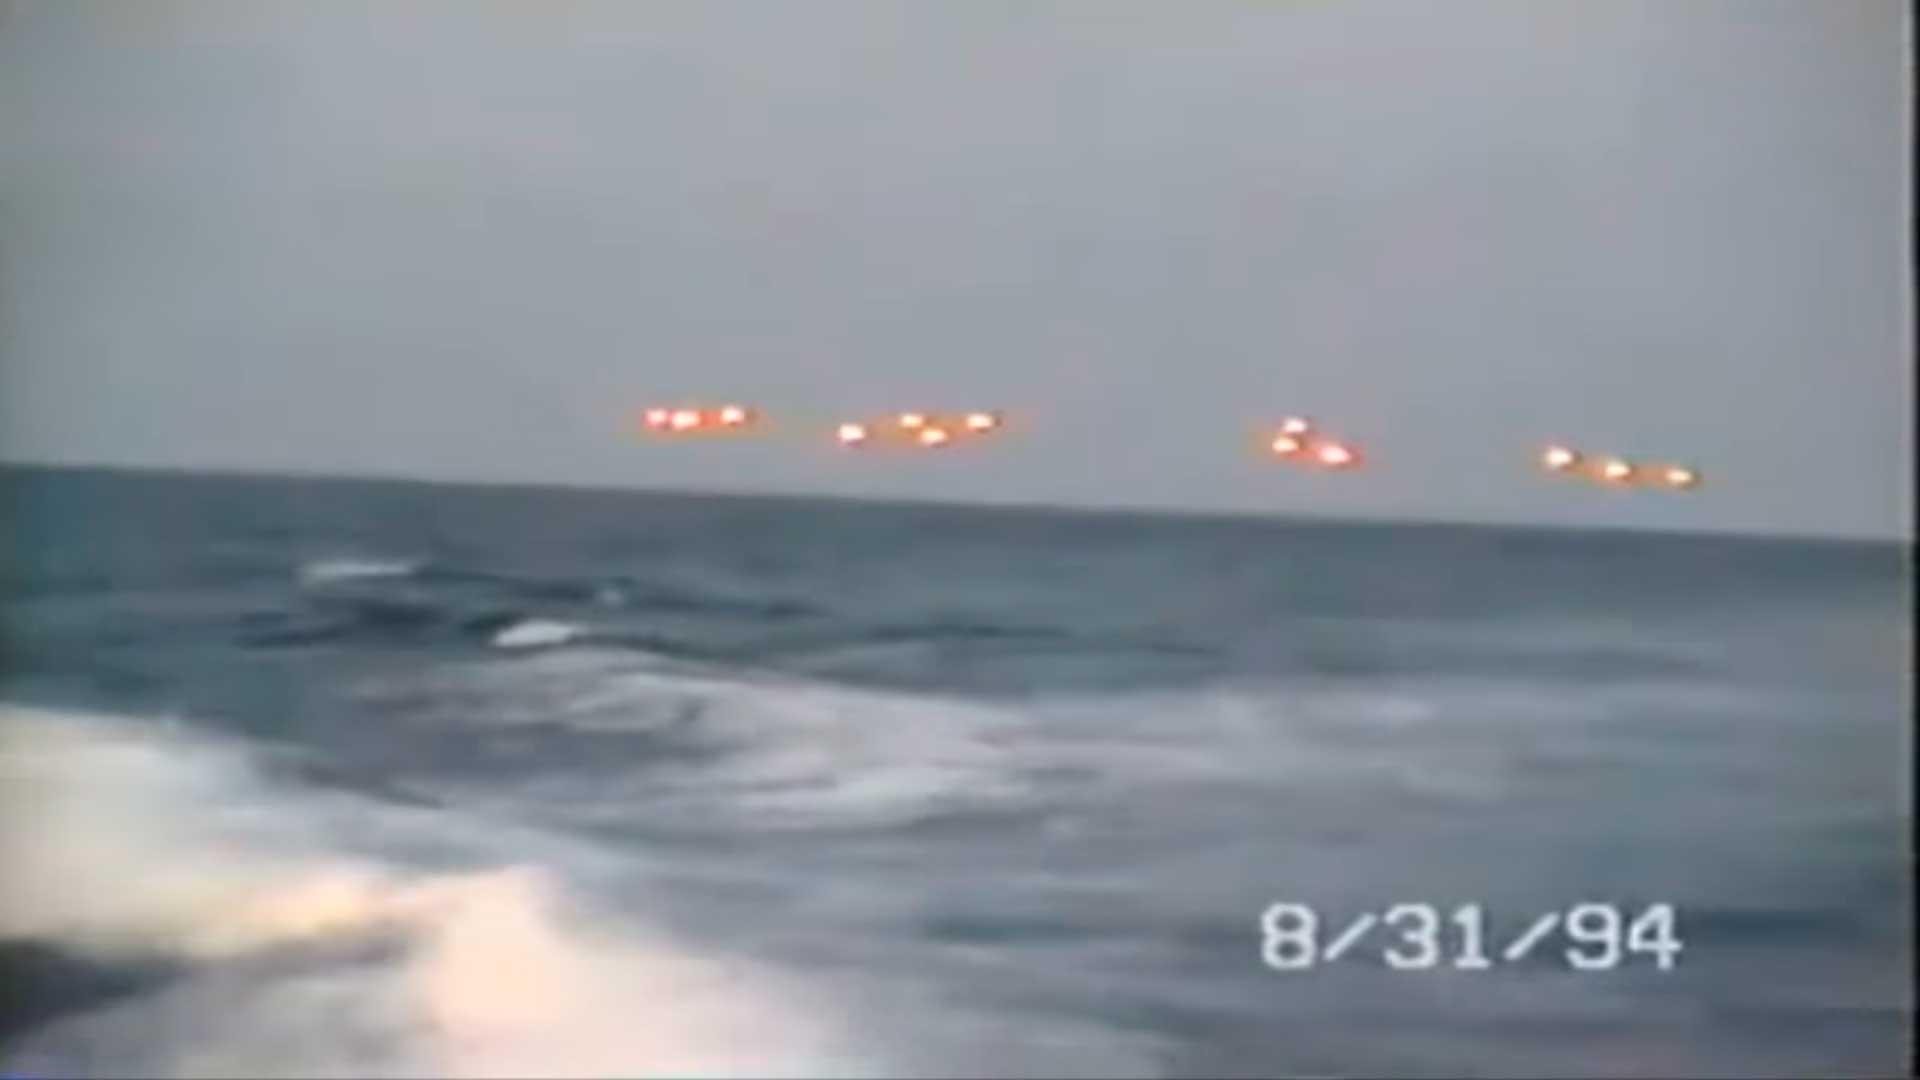 Este incidente OVNI grabado en 1994 en aguas de Florida sale ahora a la luz